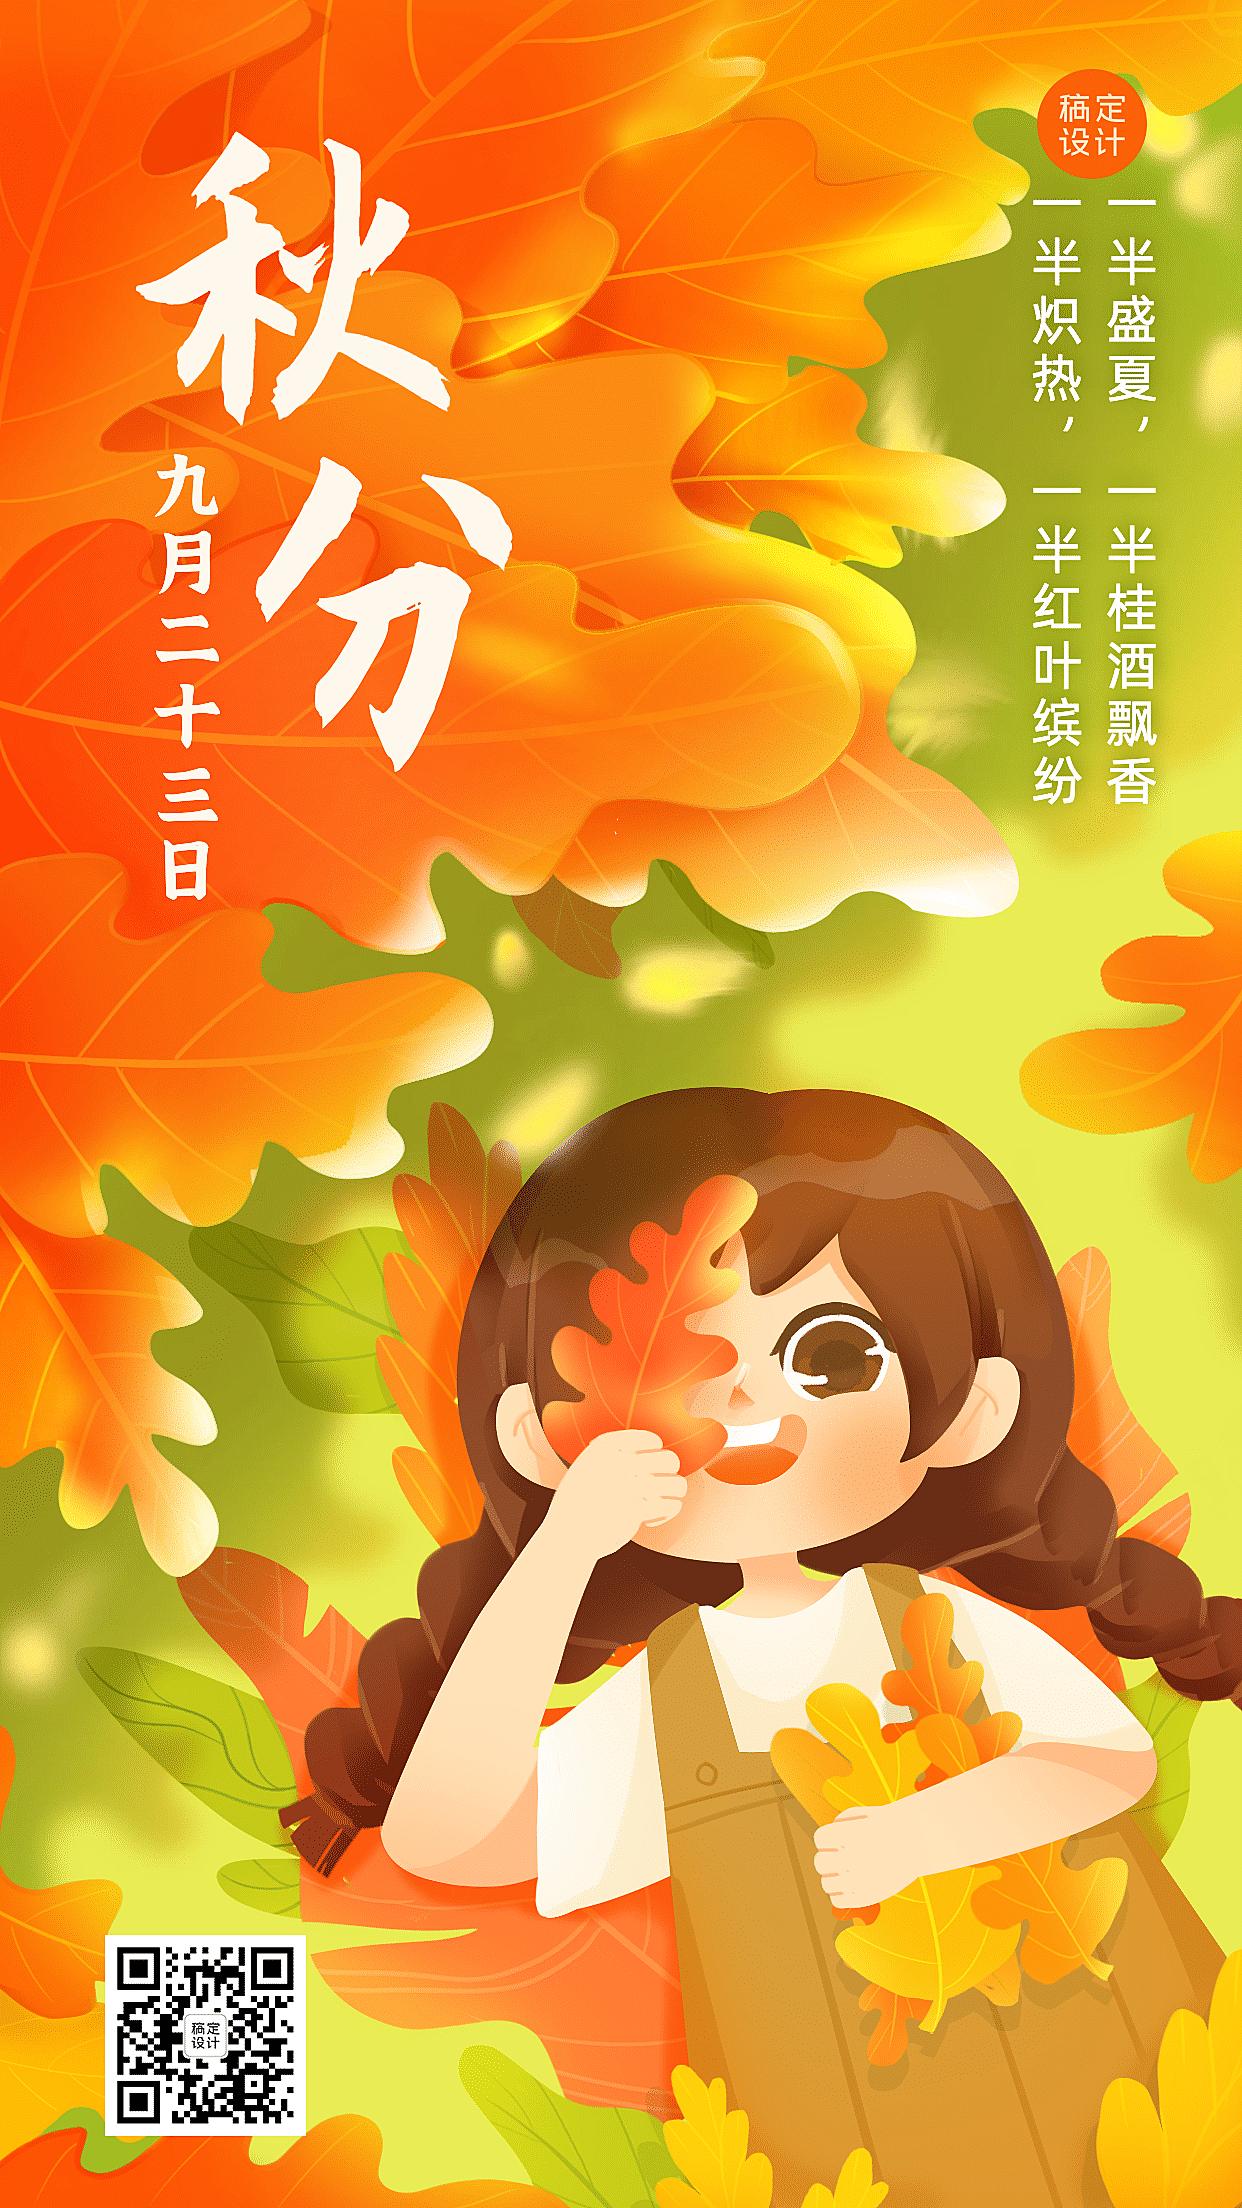 秋分节气可爱手绘女孩手机海报